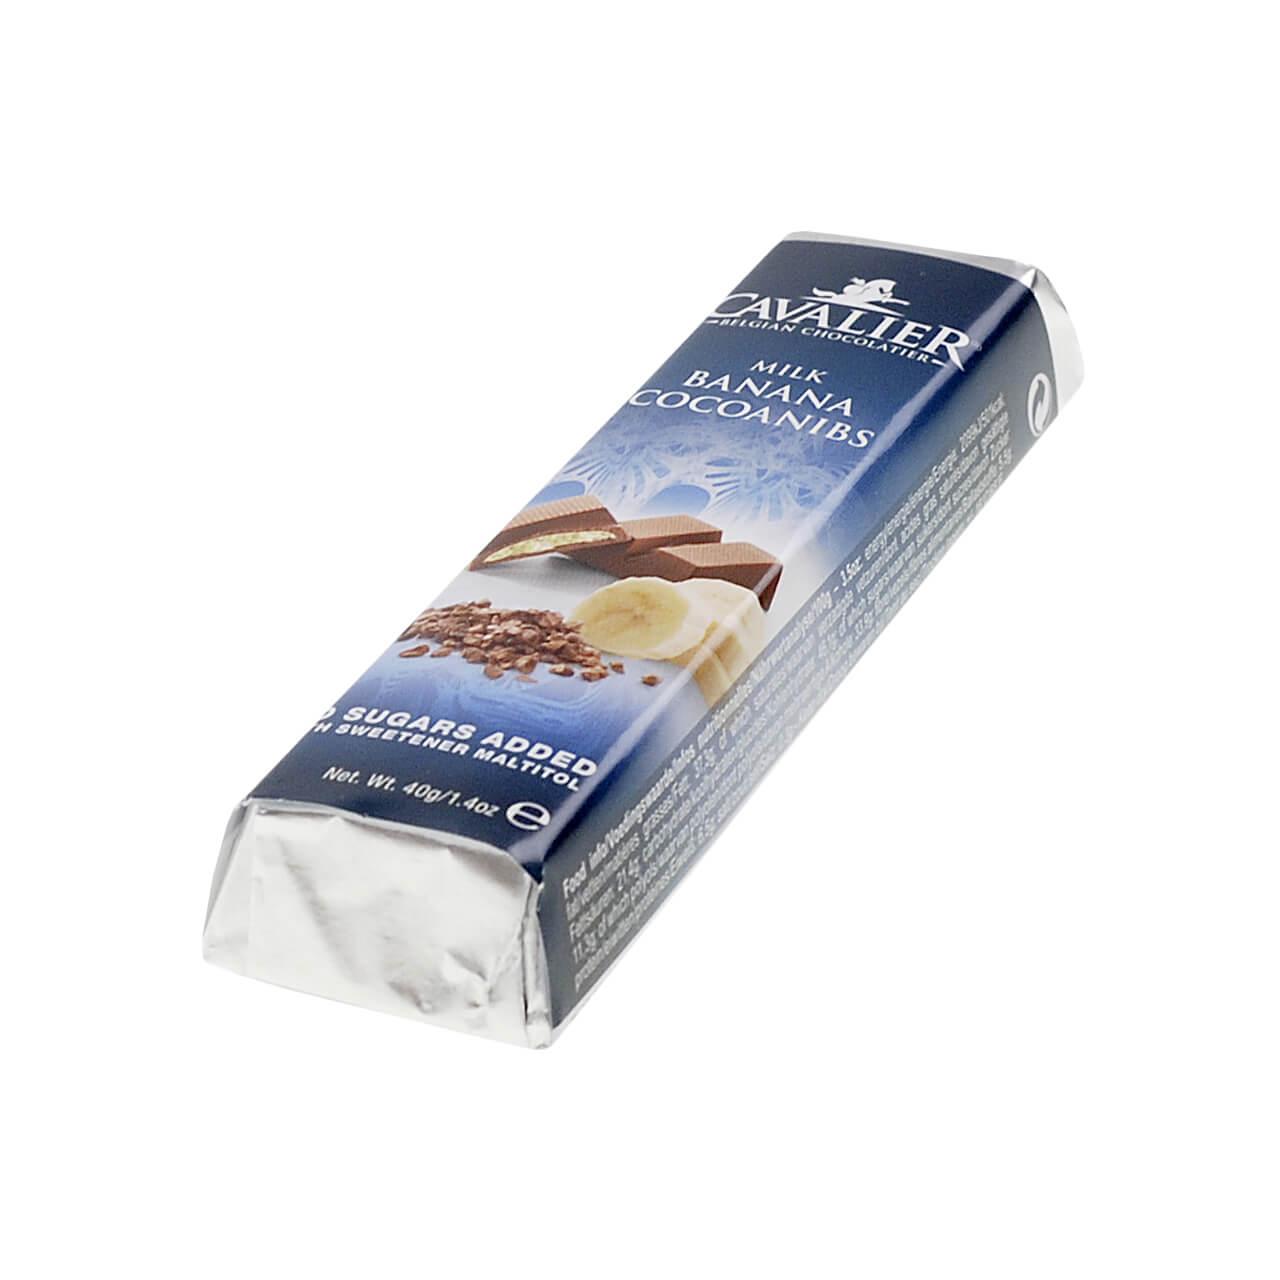 """Cavalier Schokoriegel """"Milch Banane Kakaosplitter"""" 42 g, Zuckerfreie Schokolade, Low Carb Schokolade kaufen."""